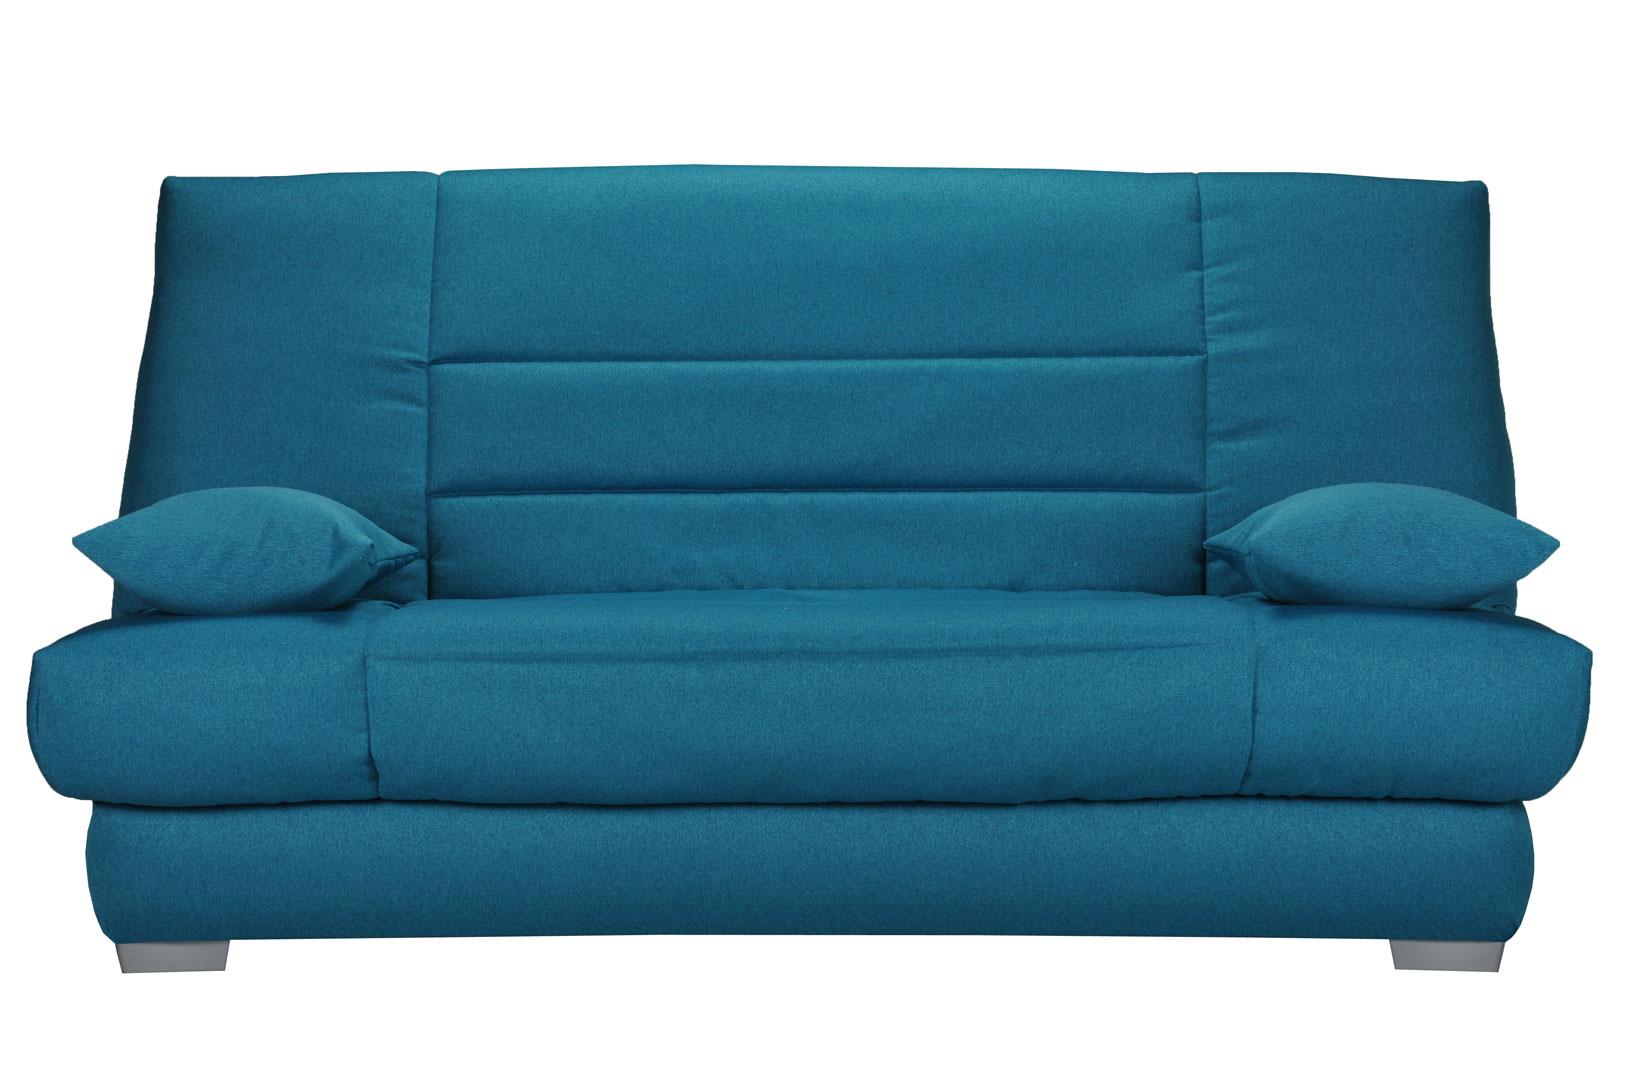 housse bz 2 housses de coussin coloris bleu canard boris. Black Bedroom Furniture Sets. Home Design Ideas